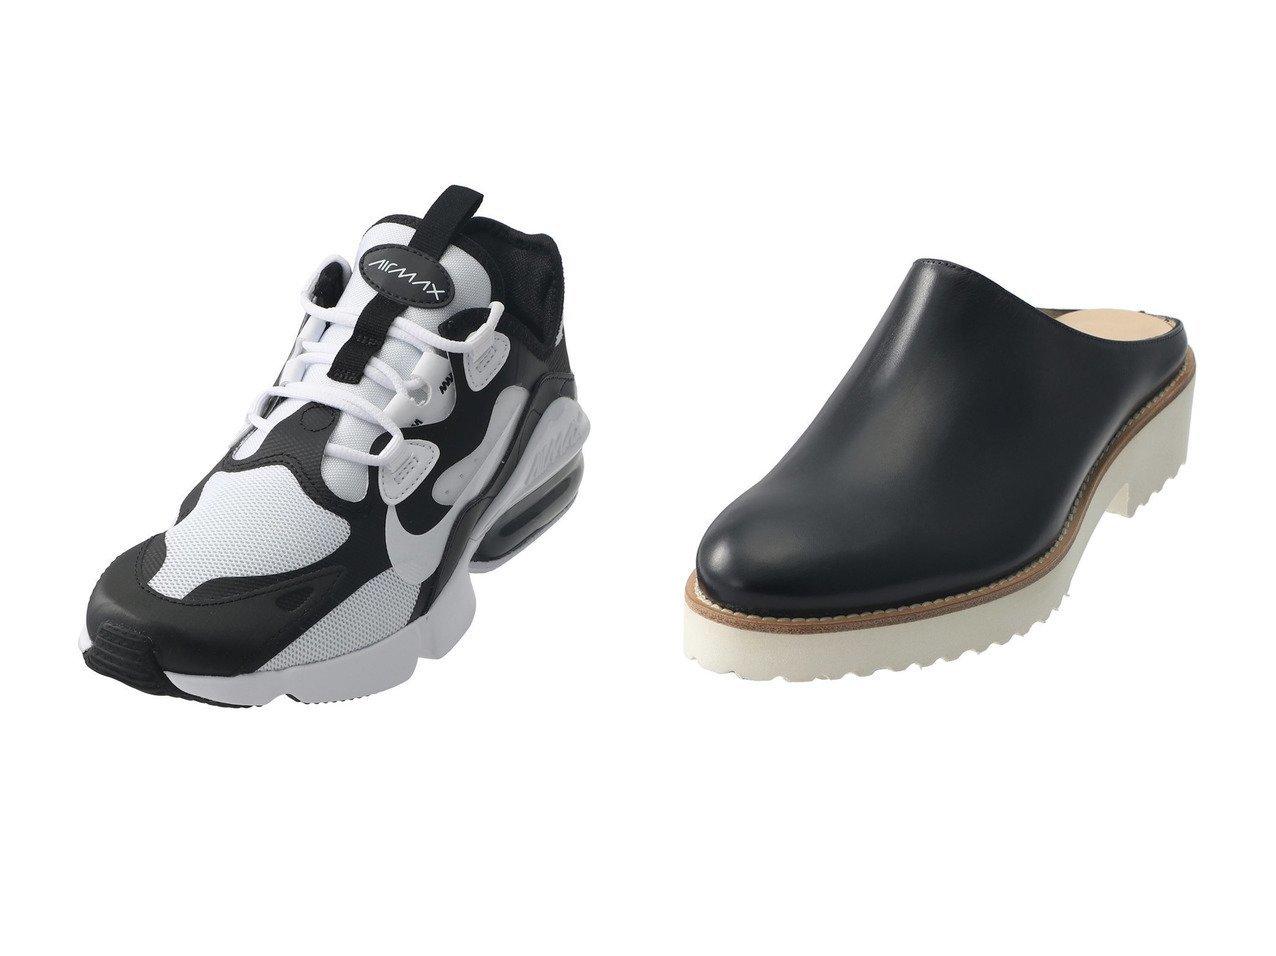 【JET/ジェット】の【NIKE】WMNS NIKE AIR MAX INFINITY2&【PLAIN PEOPLE/プレインピープル】の【LUCA GROSSI】レザーミュール 【シューズ・靴】おすすめ!人気、トレンド・レディースファッションの通販 おすすめで人気の流行・トレンド、ファッションの通販商品 メンズファッション・キッズファッション・インテリア・家具・レディースファッション・服の通販 founy(ファニー) https://founy.com/ ファッション Fashion レディースファッション WOMEN なめらか アーモンドトゥ サンダル シンプル ドッキング ミュール S/S・春夏 SS・Spring/Summer クッション スニーカー メッシュ モノトーン 春 Spring |ID:crp329100000030196